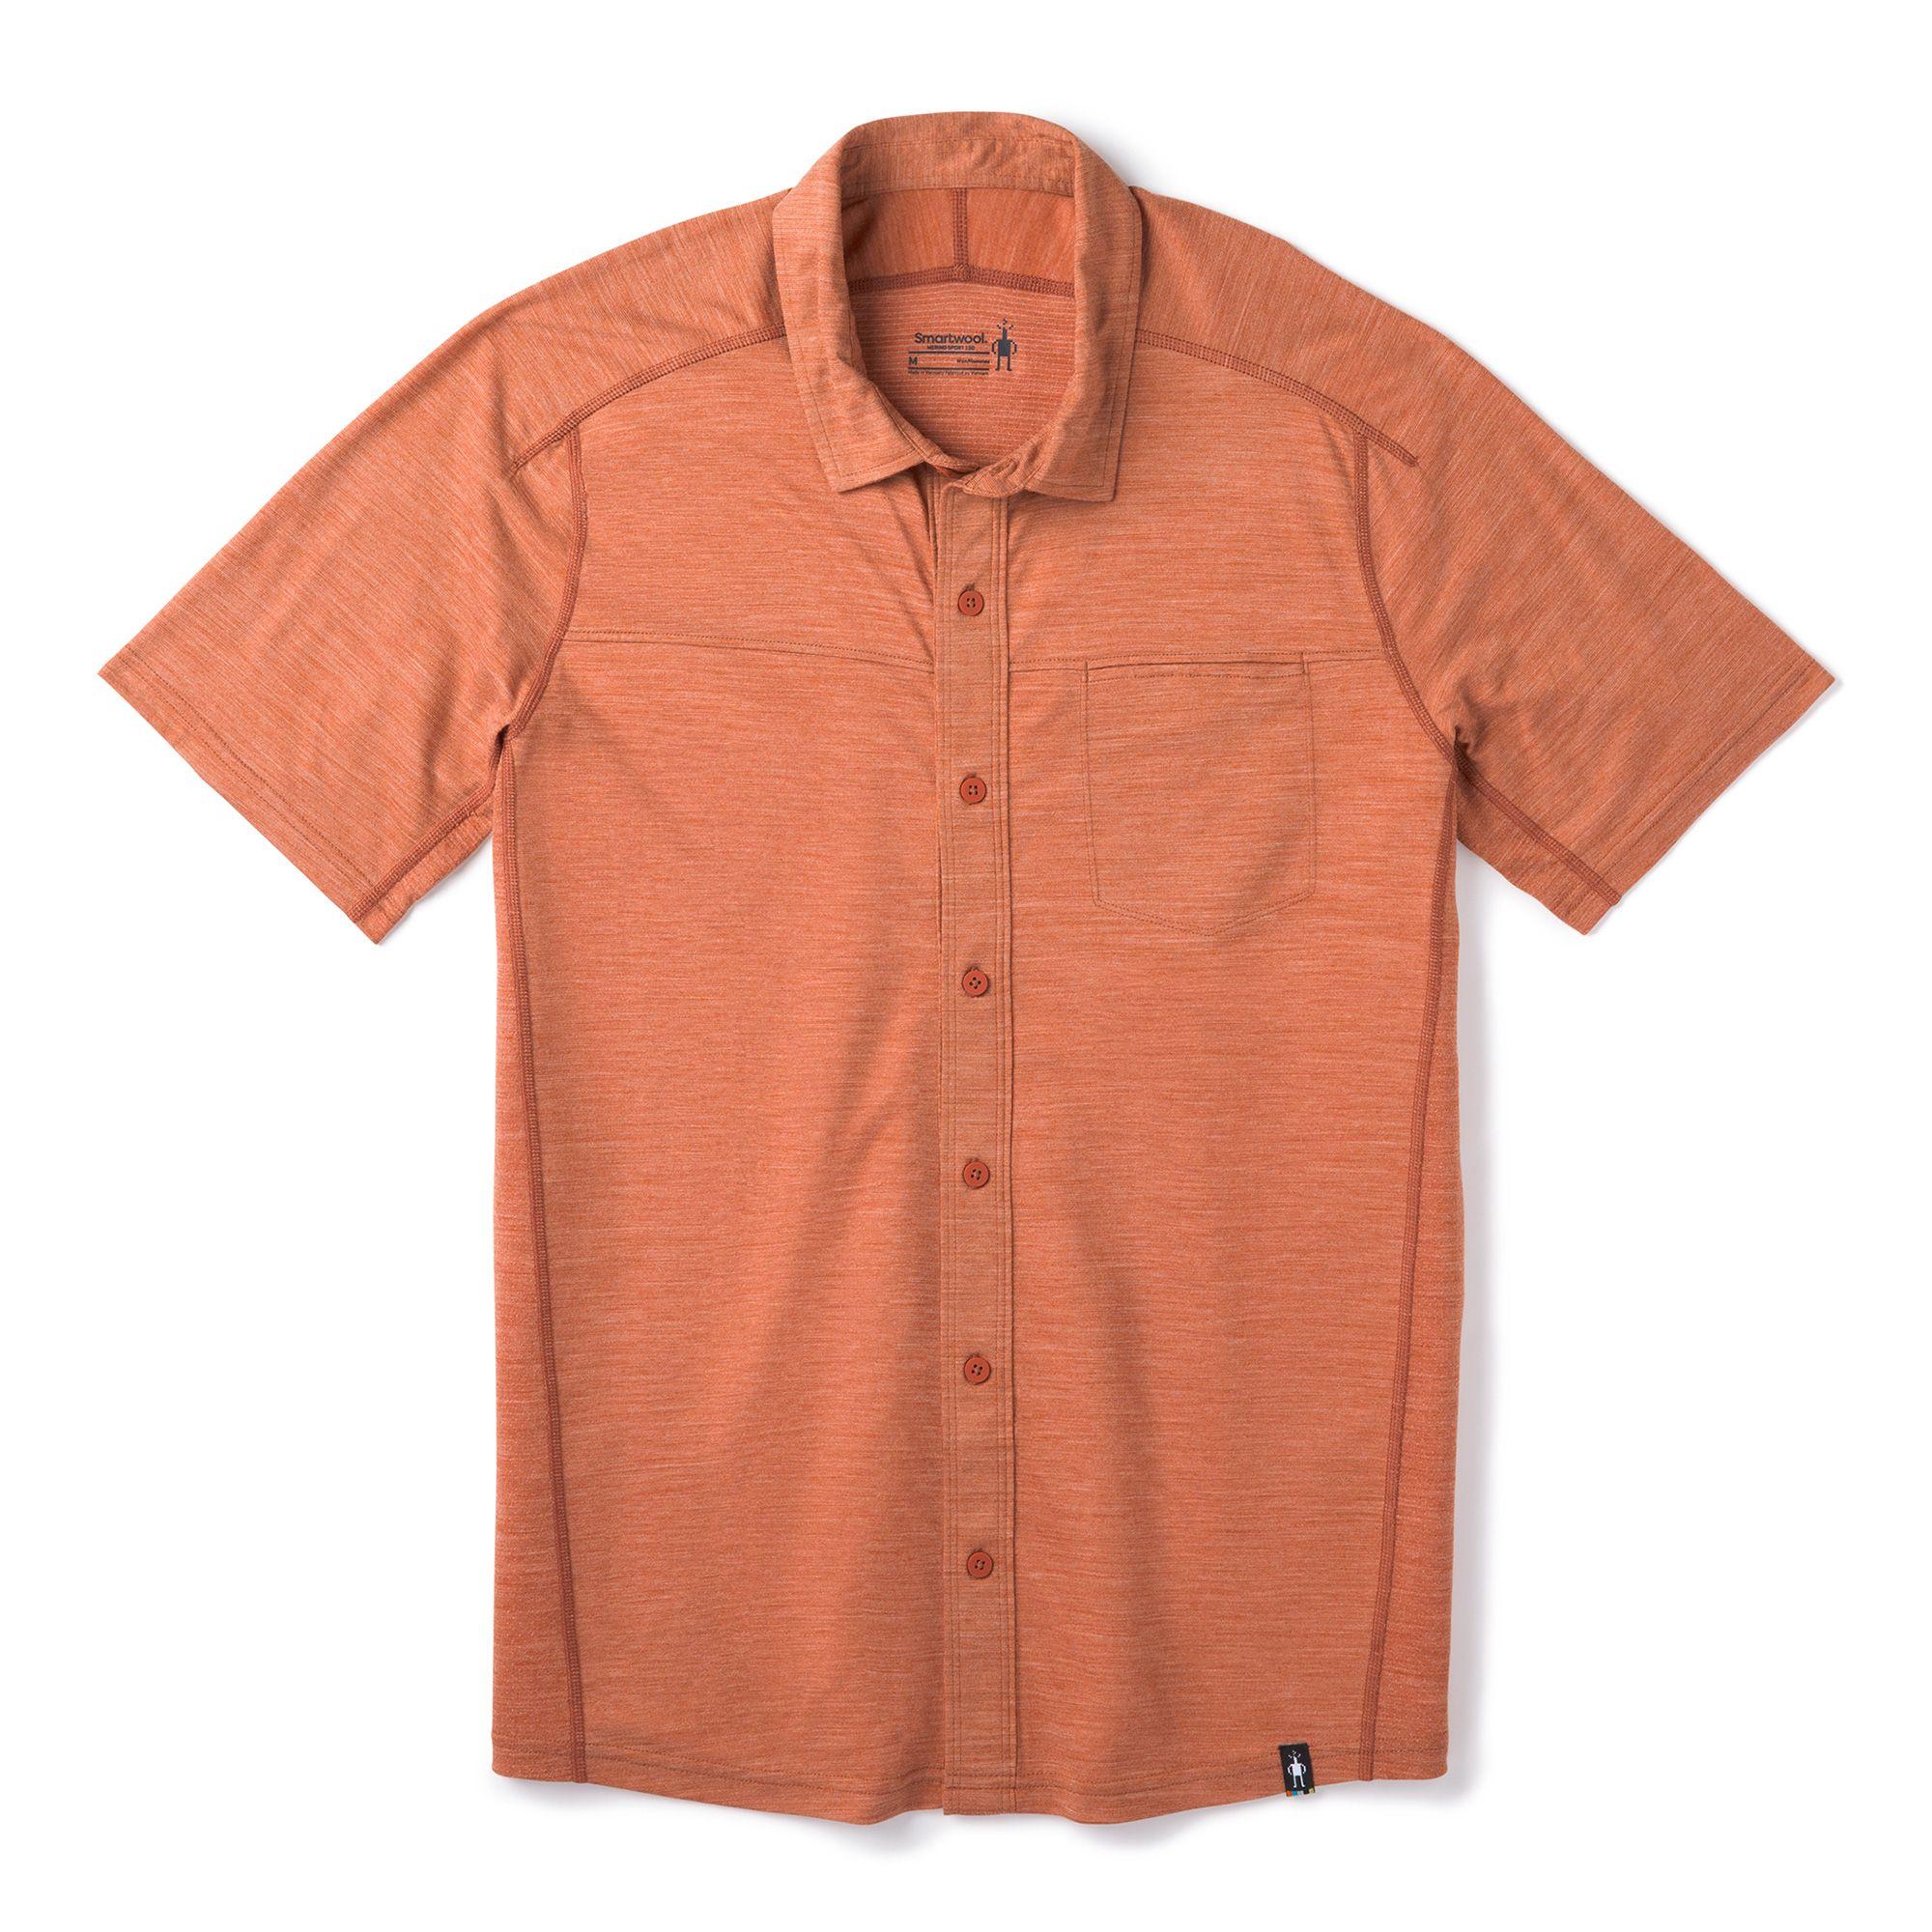 Chemise boutonnée à manches courtes Merino Sport 150 pour hommes